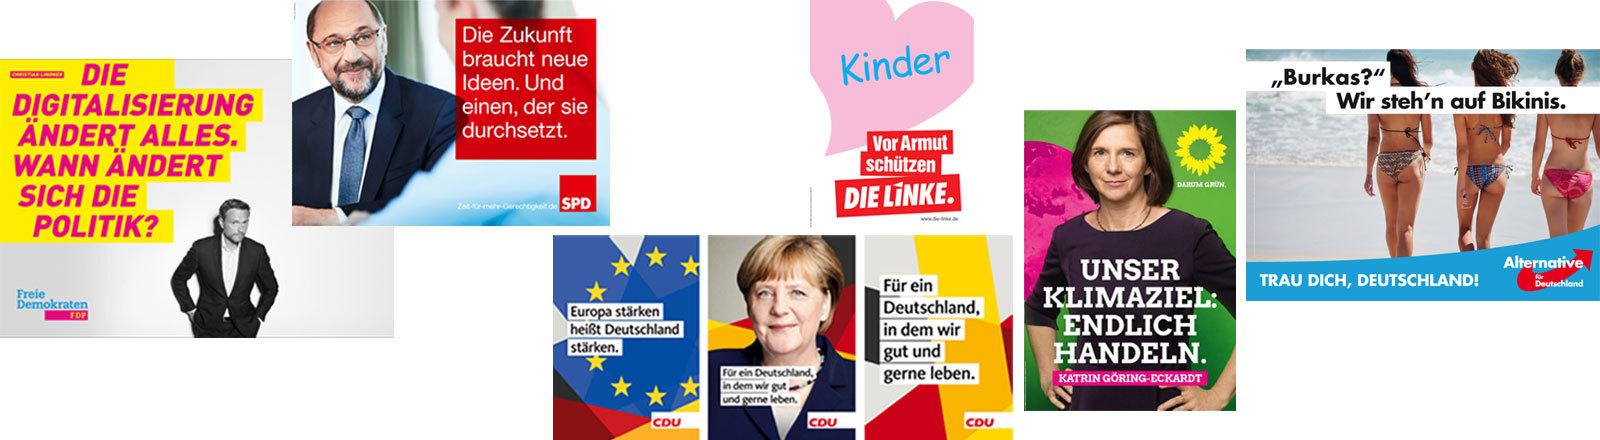 Wahlplakate der Parteien zur Bundestagswahl 2017